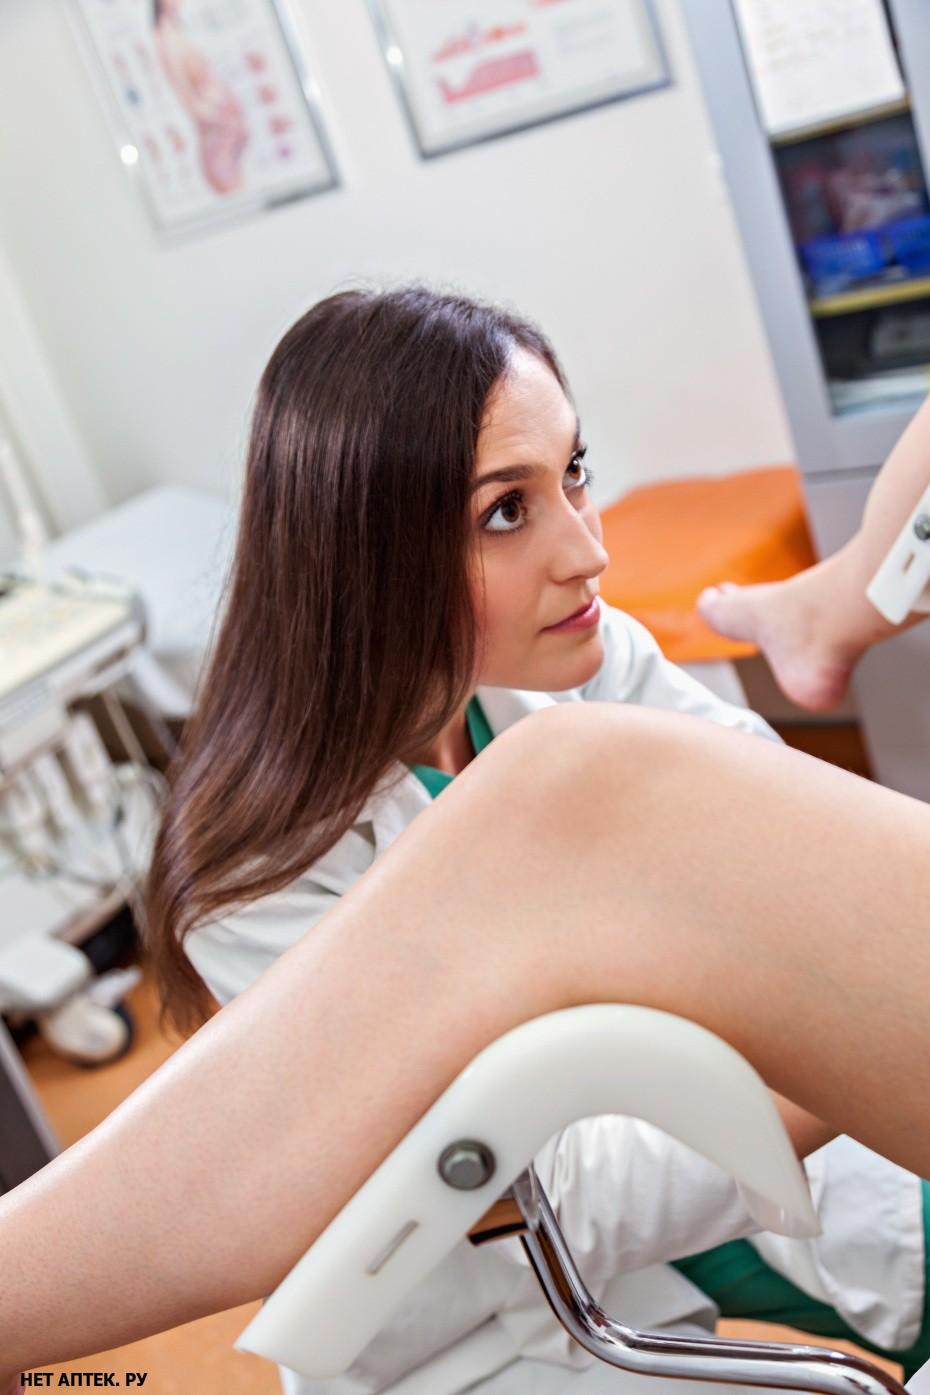 Смотреть эротич ролики про посещение гинеколога 10 фотография